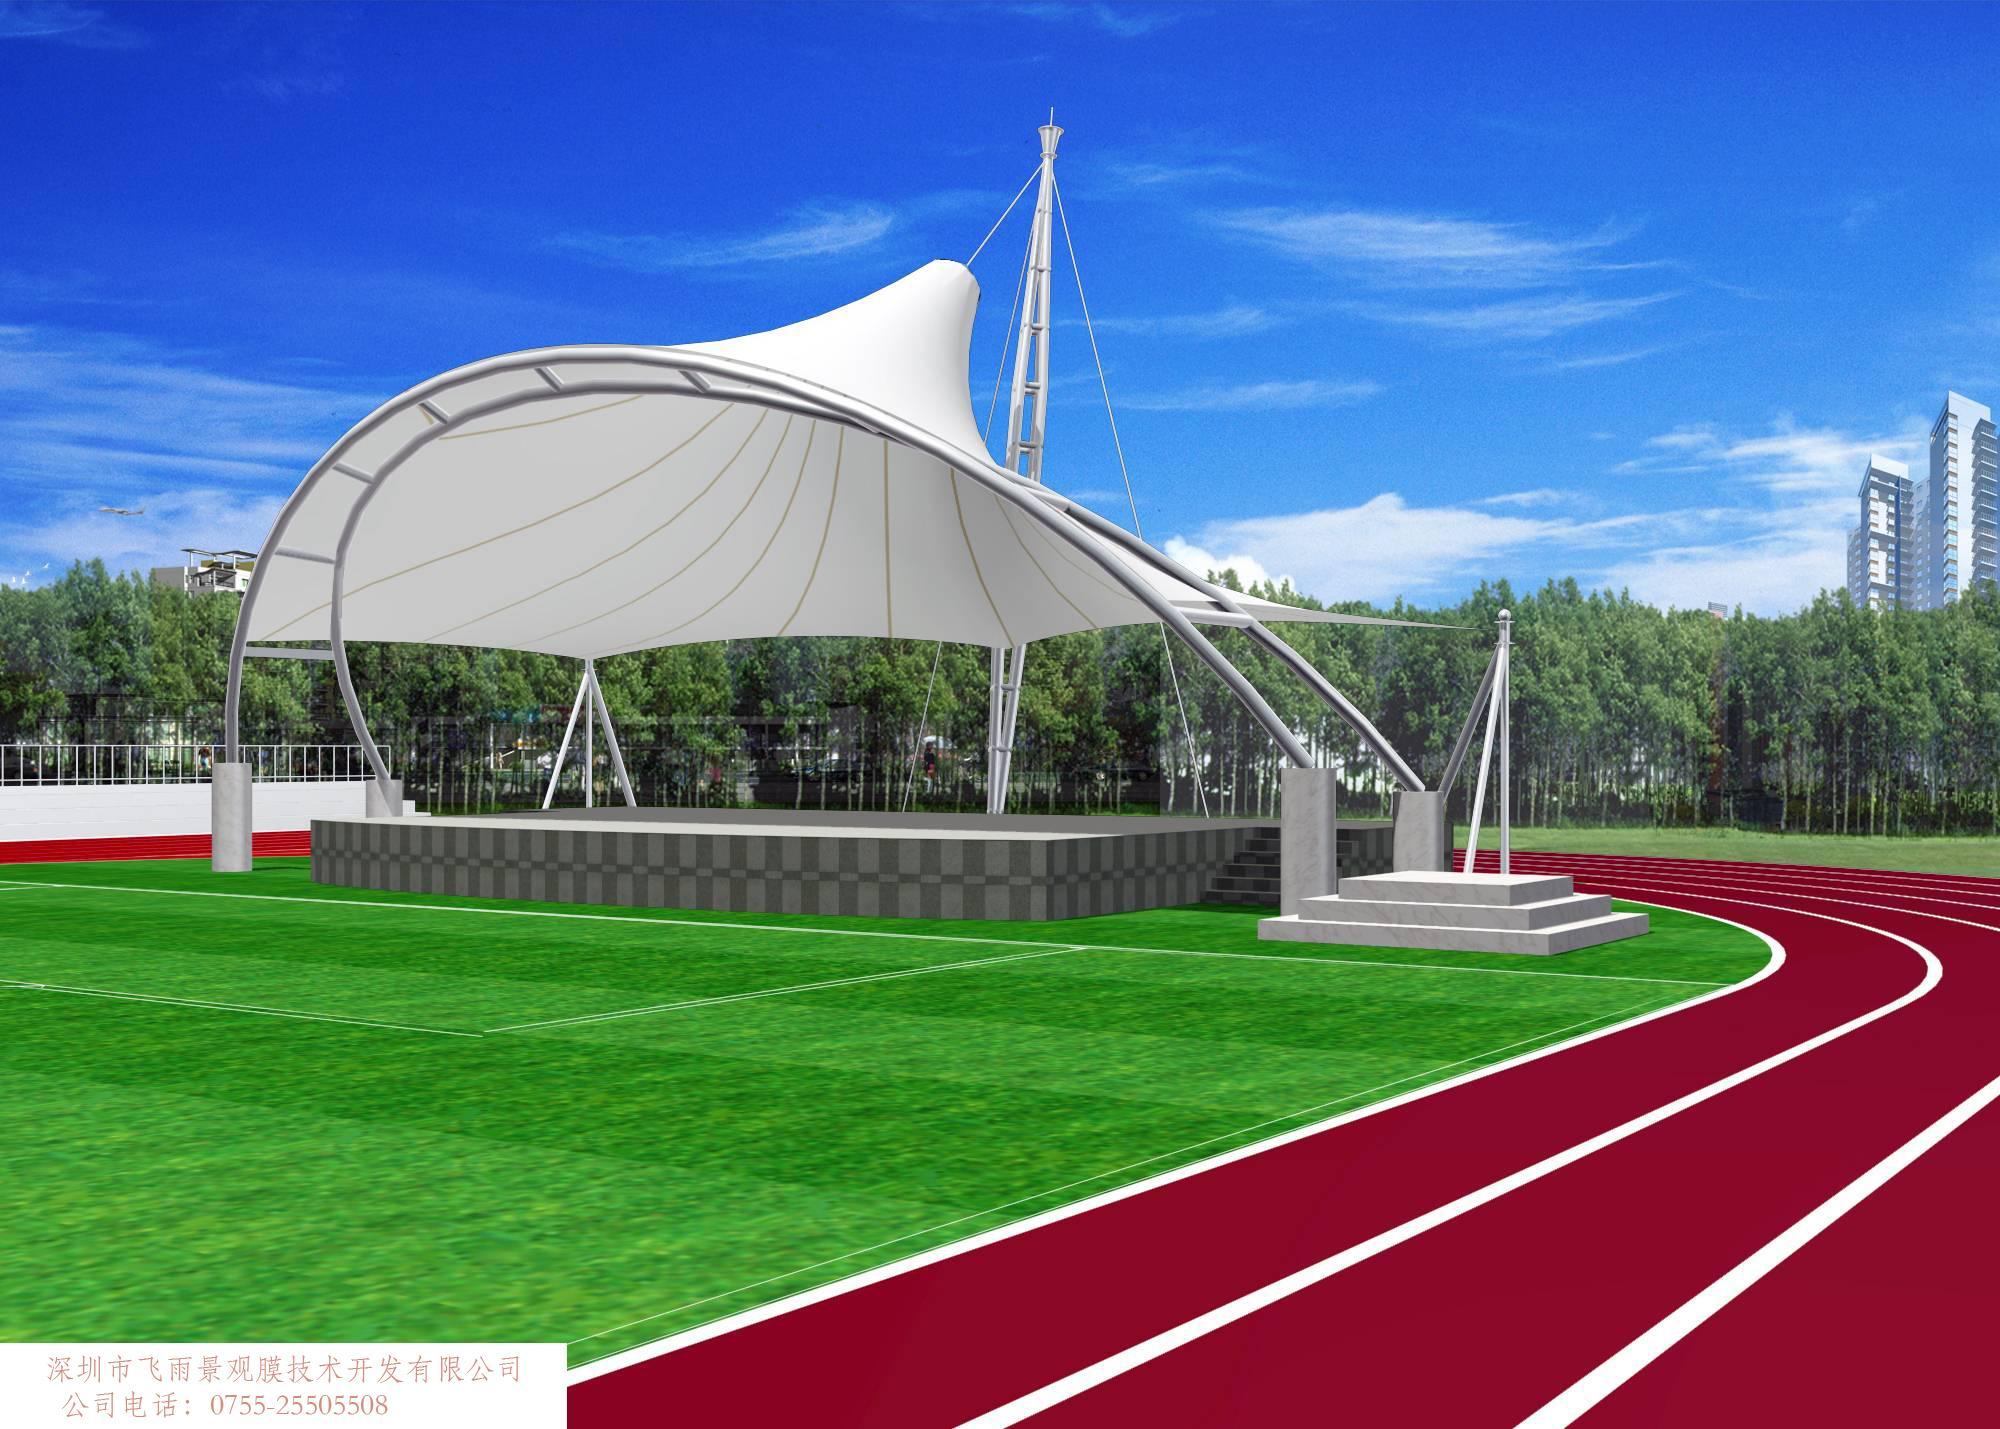 膜结构建筑的特点及应用领域:      膜结构是一种全新的建筑